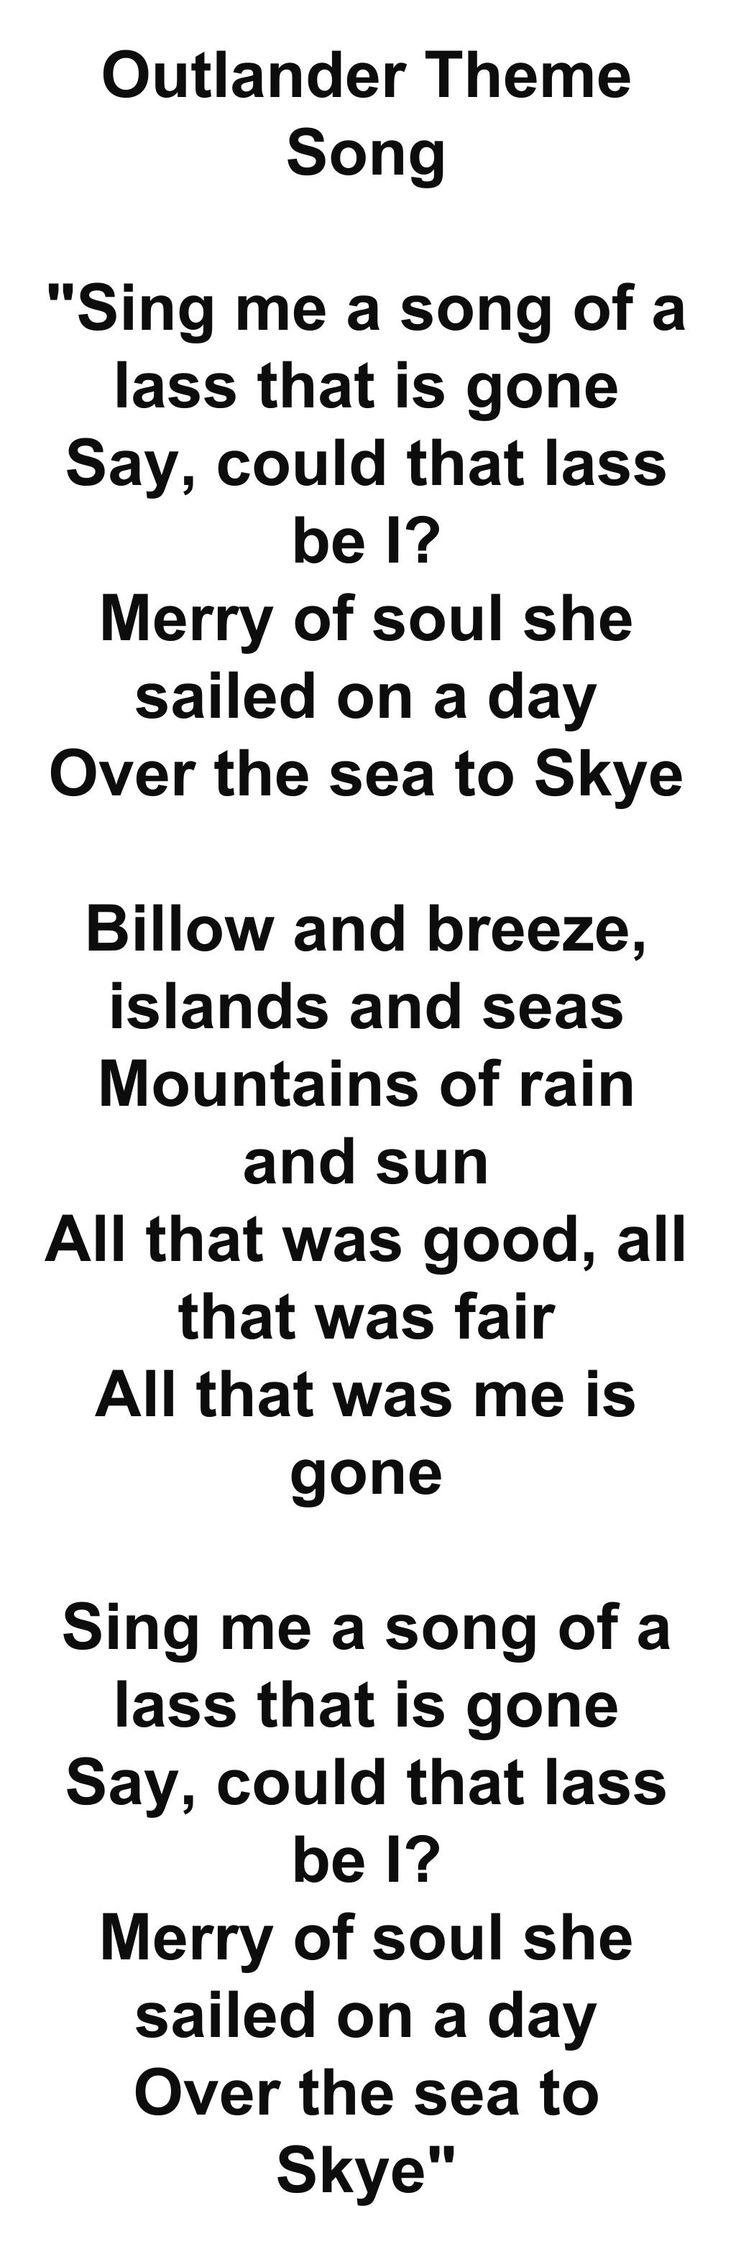 Outlander Theme Song